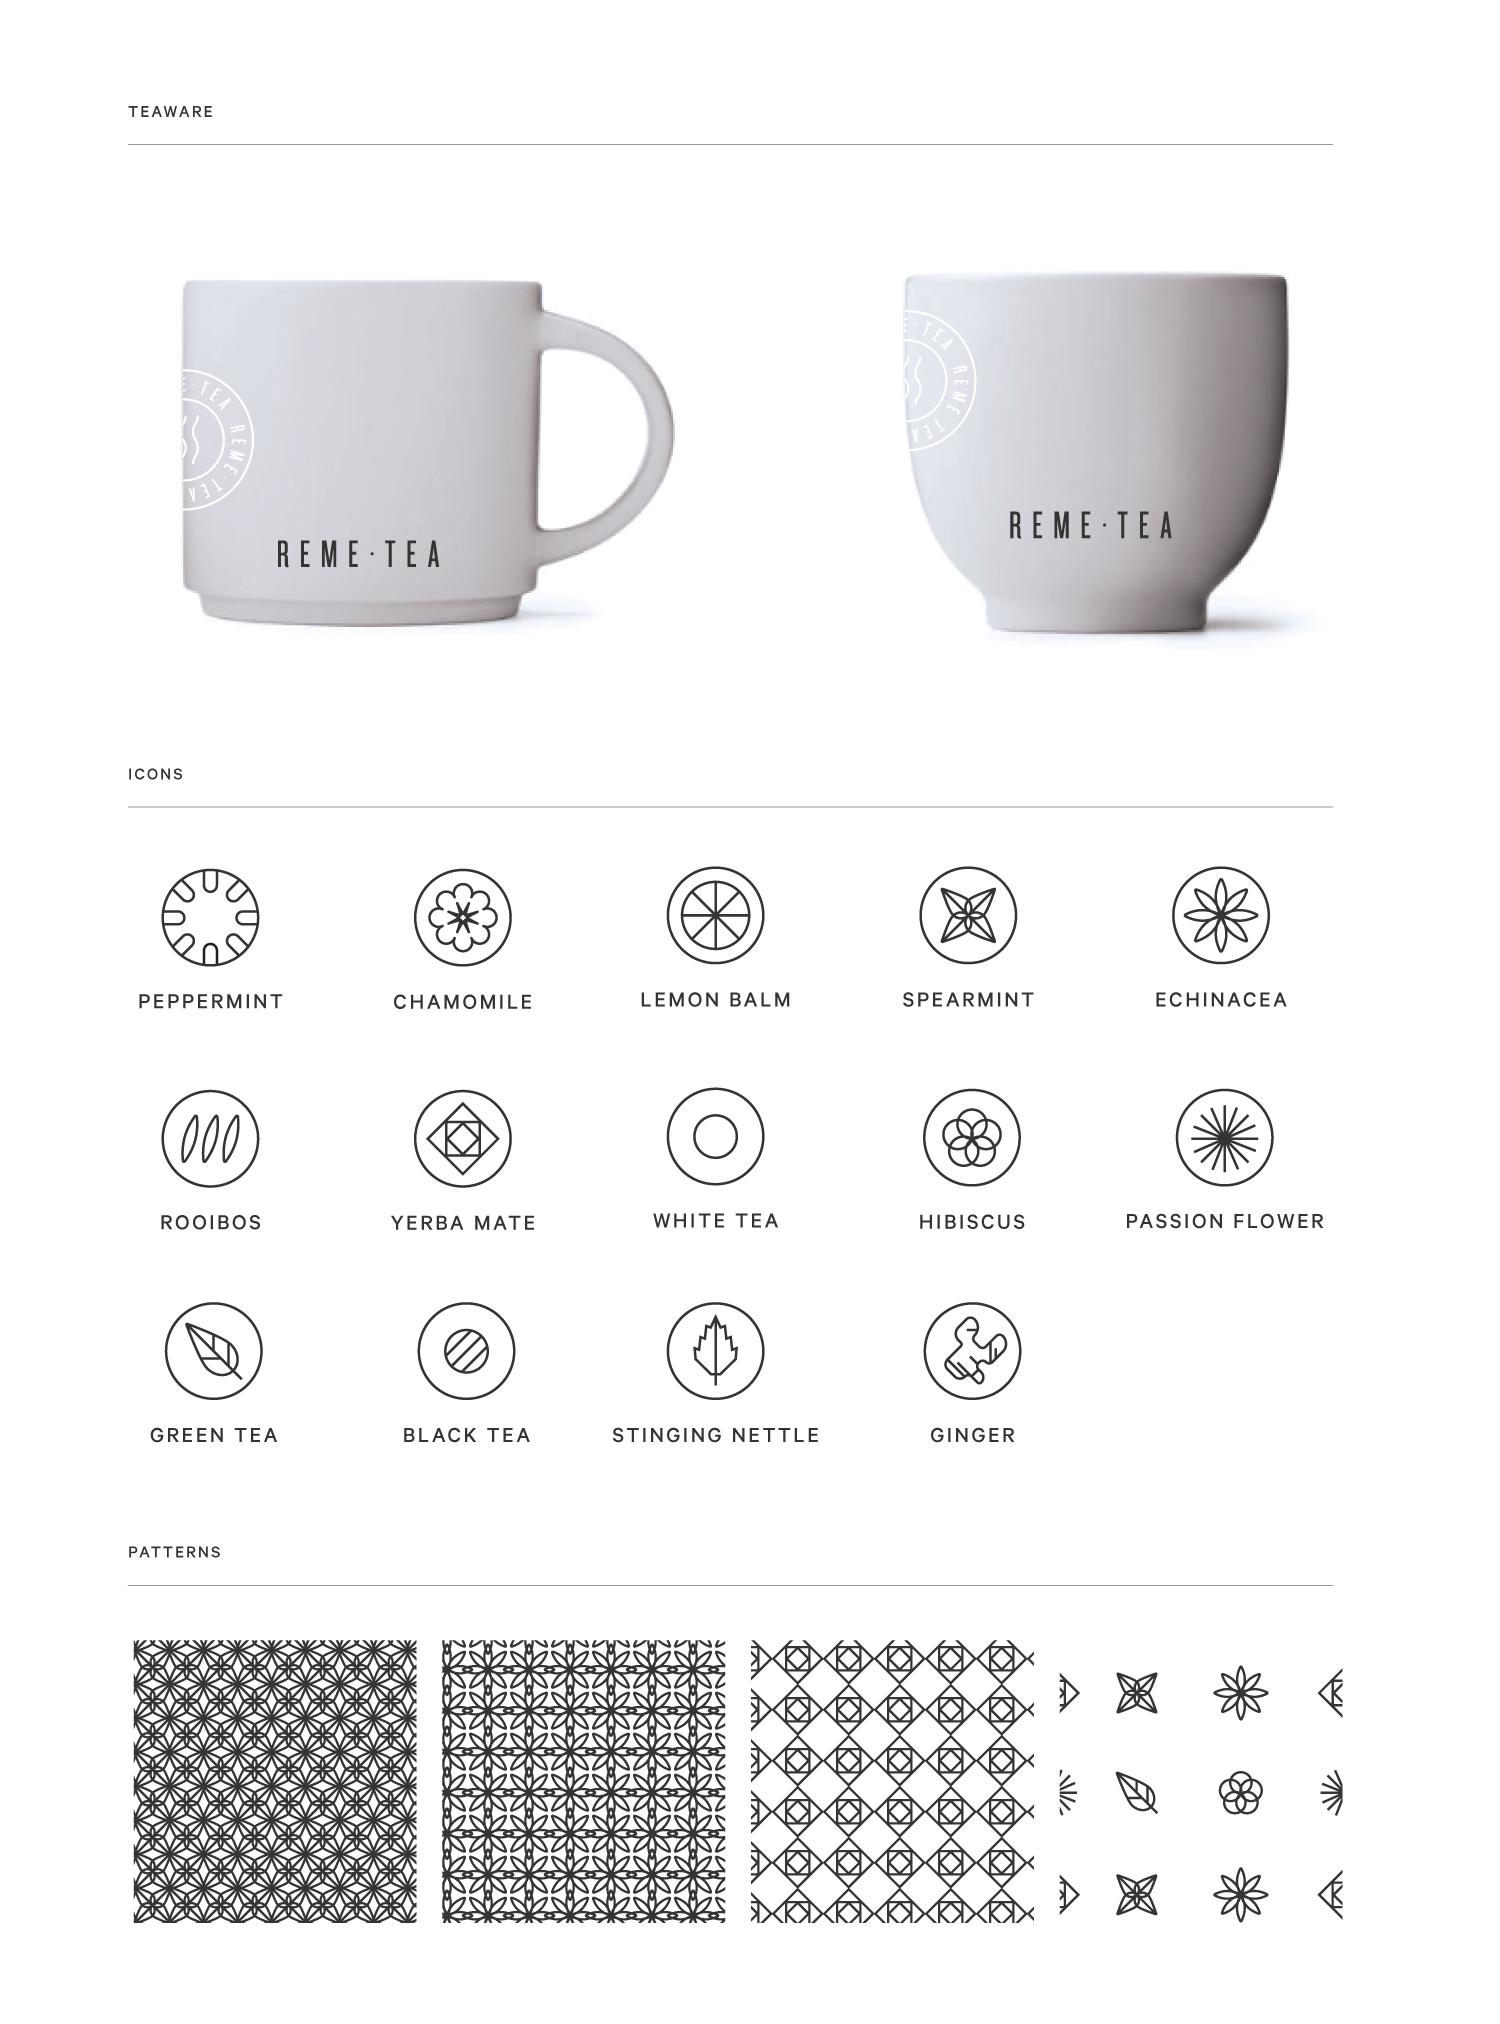 Teaware.jpg